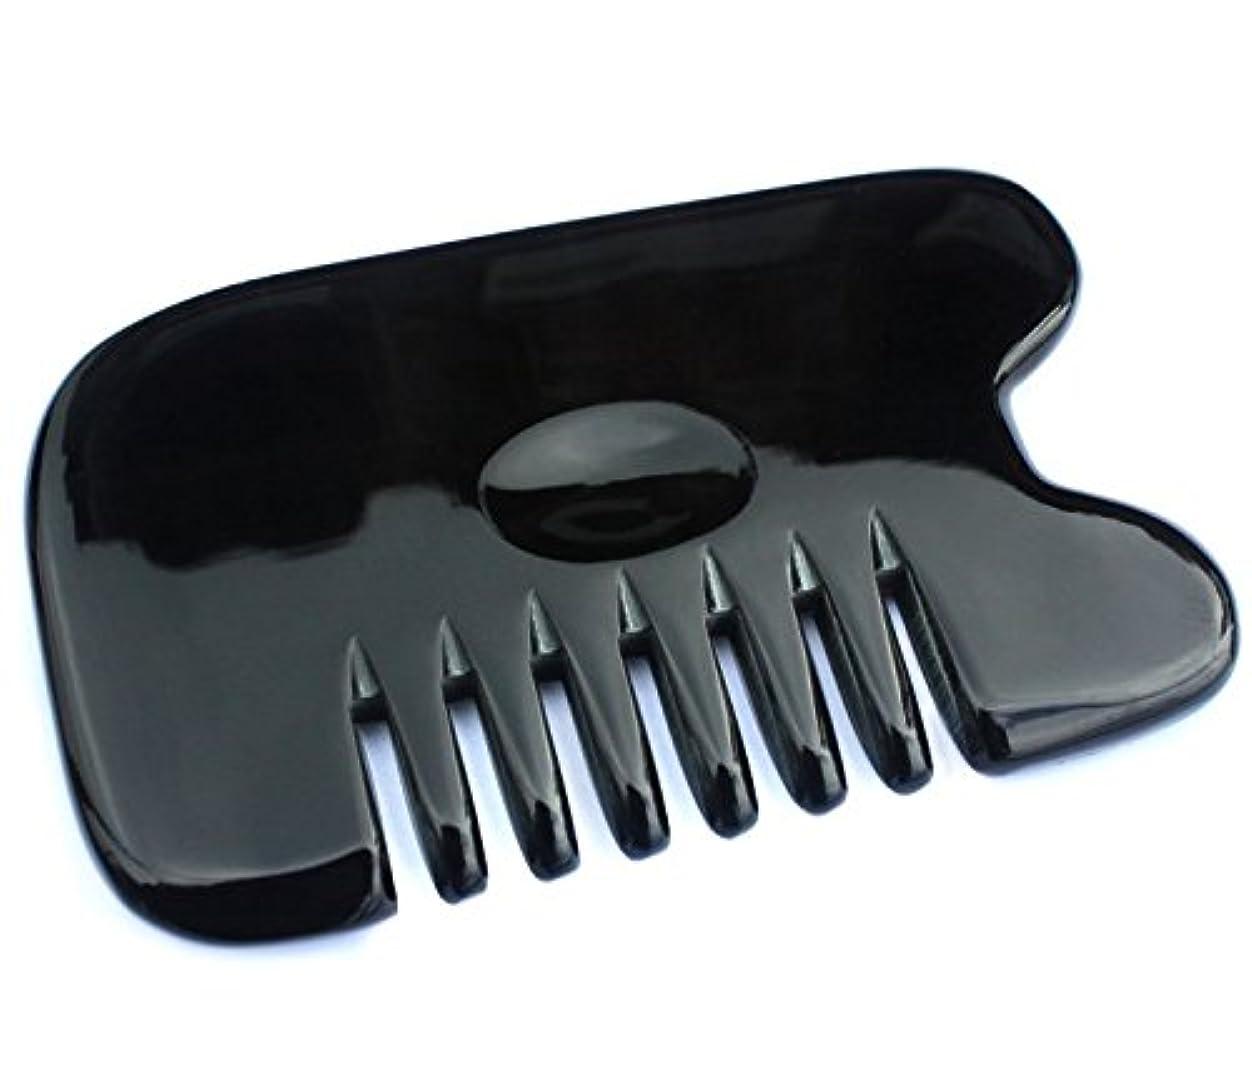 カストディアンで慣習櫛型 プロも使う牛角かっさプレート マサージ用 血行改善 高級 天然 静電気防止 美髪 美顔 ボディ リンパマッサージ